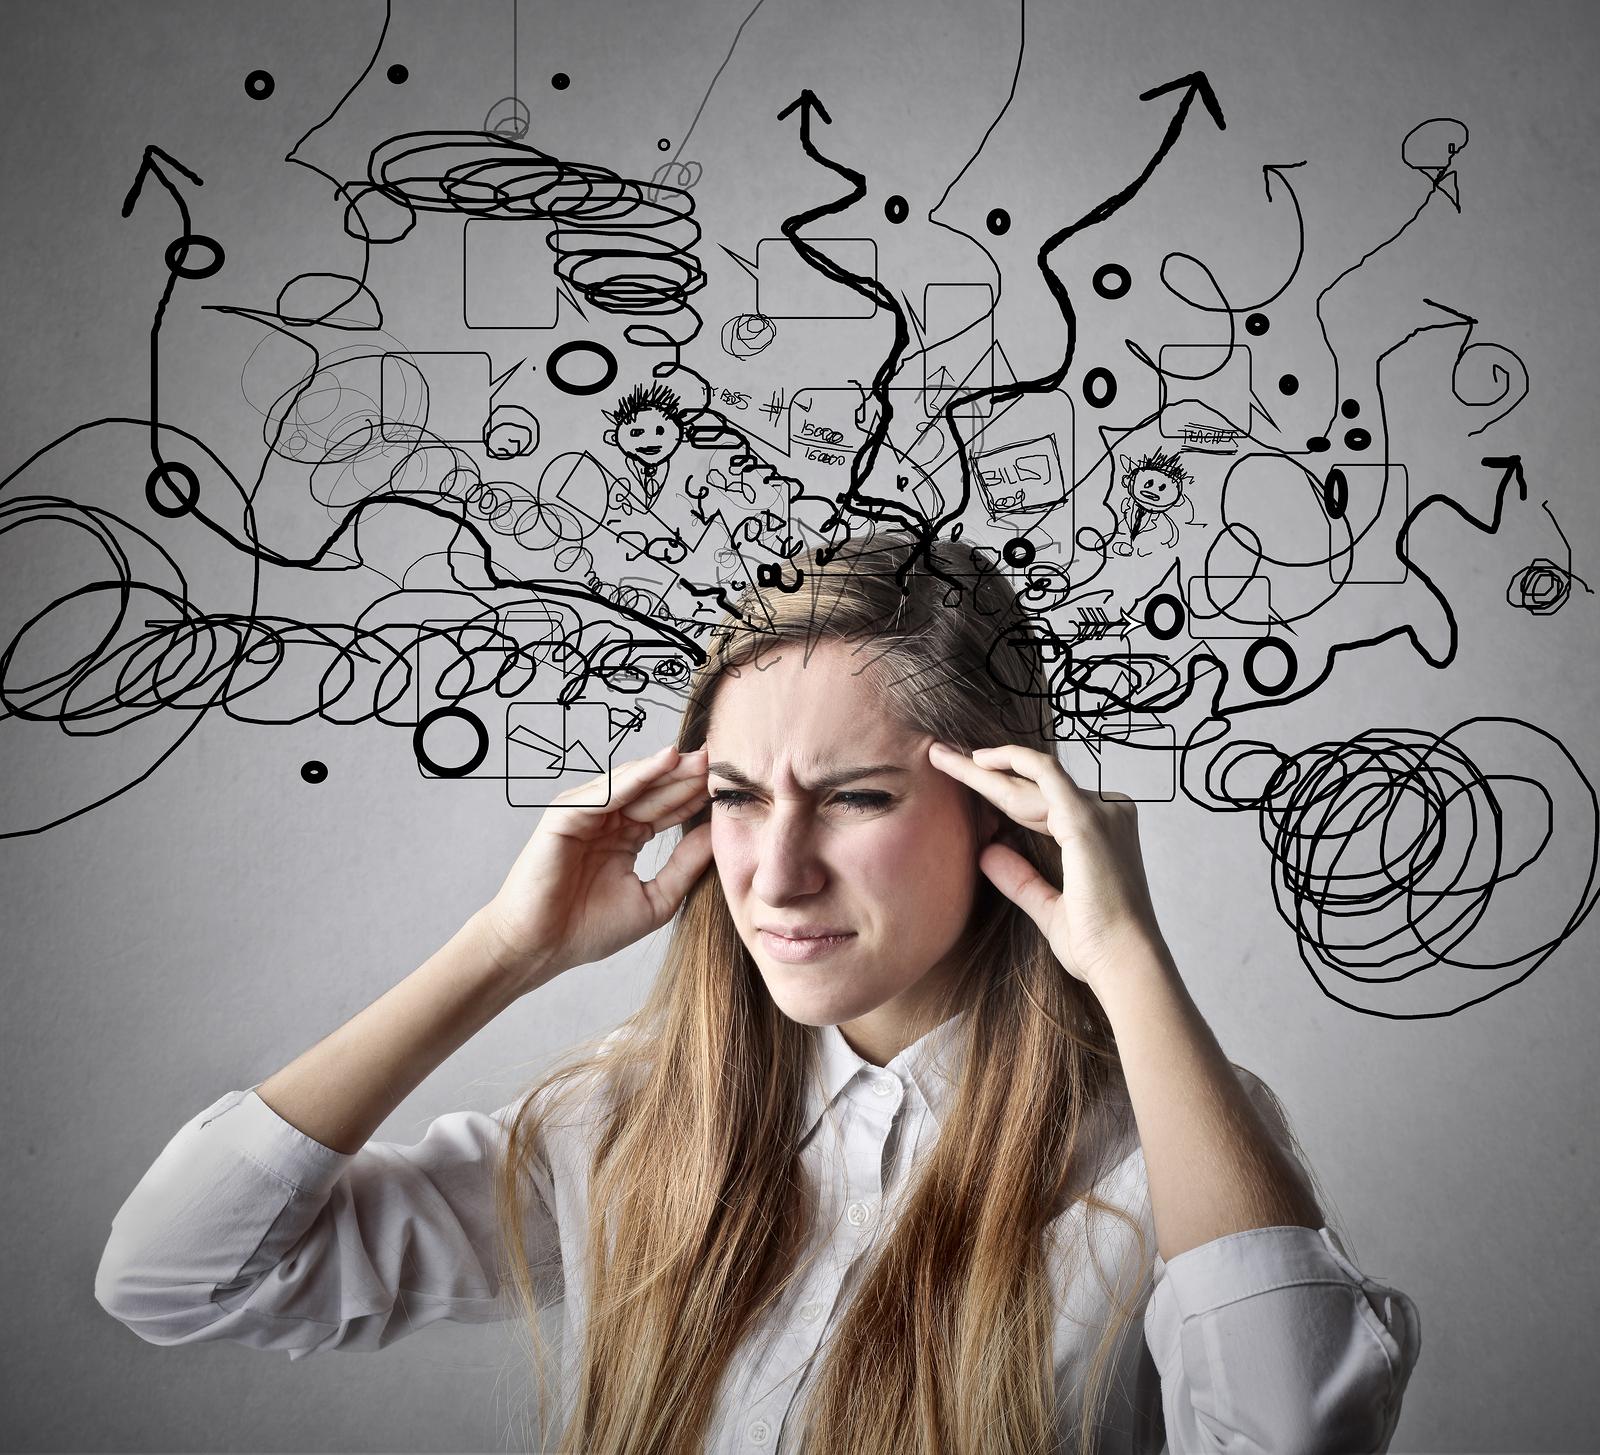 почему иногда нехорошие мысли разъедают наш мозг и как их побороть